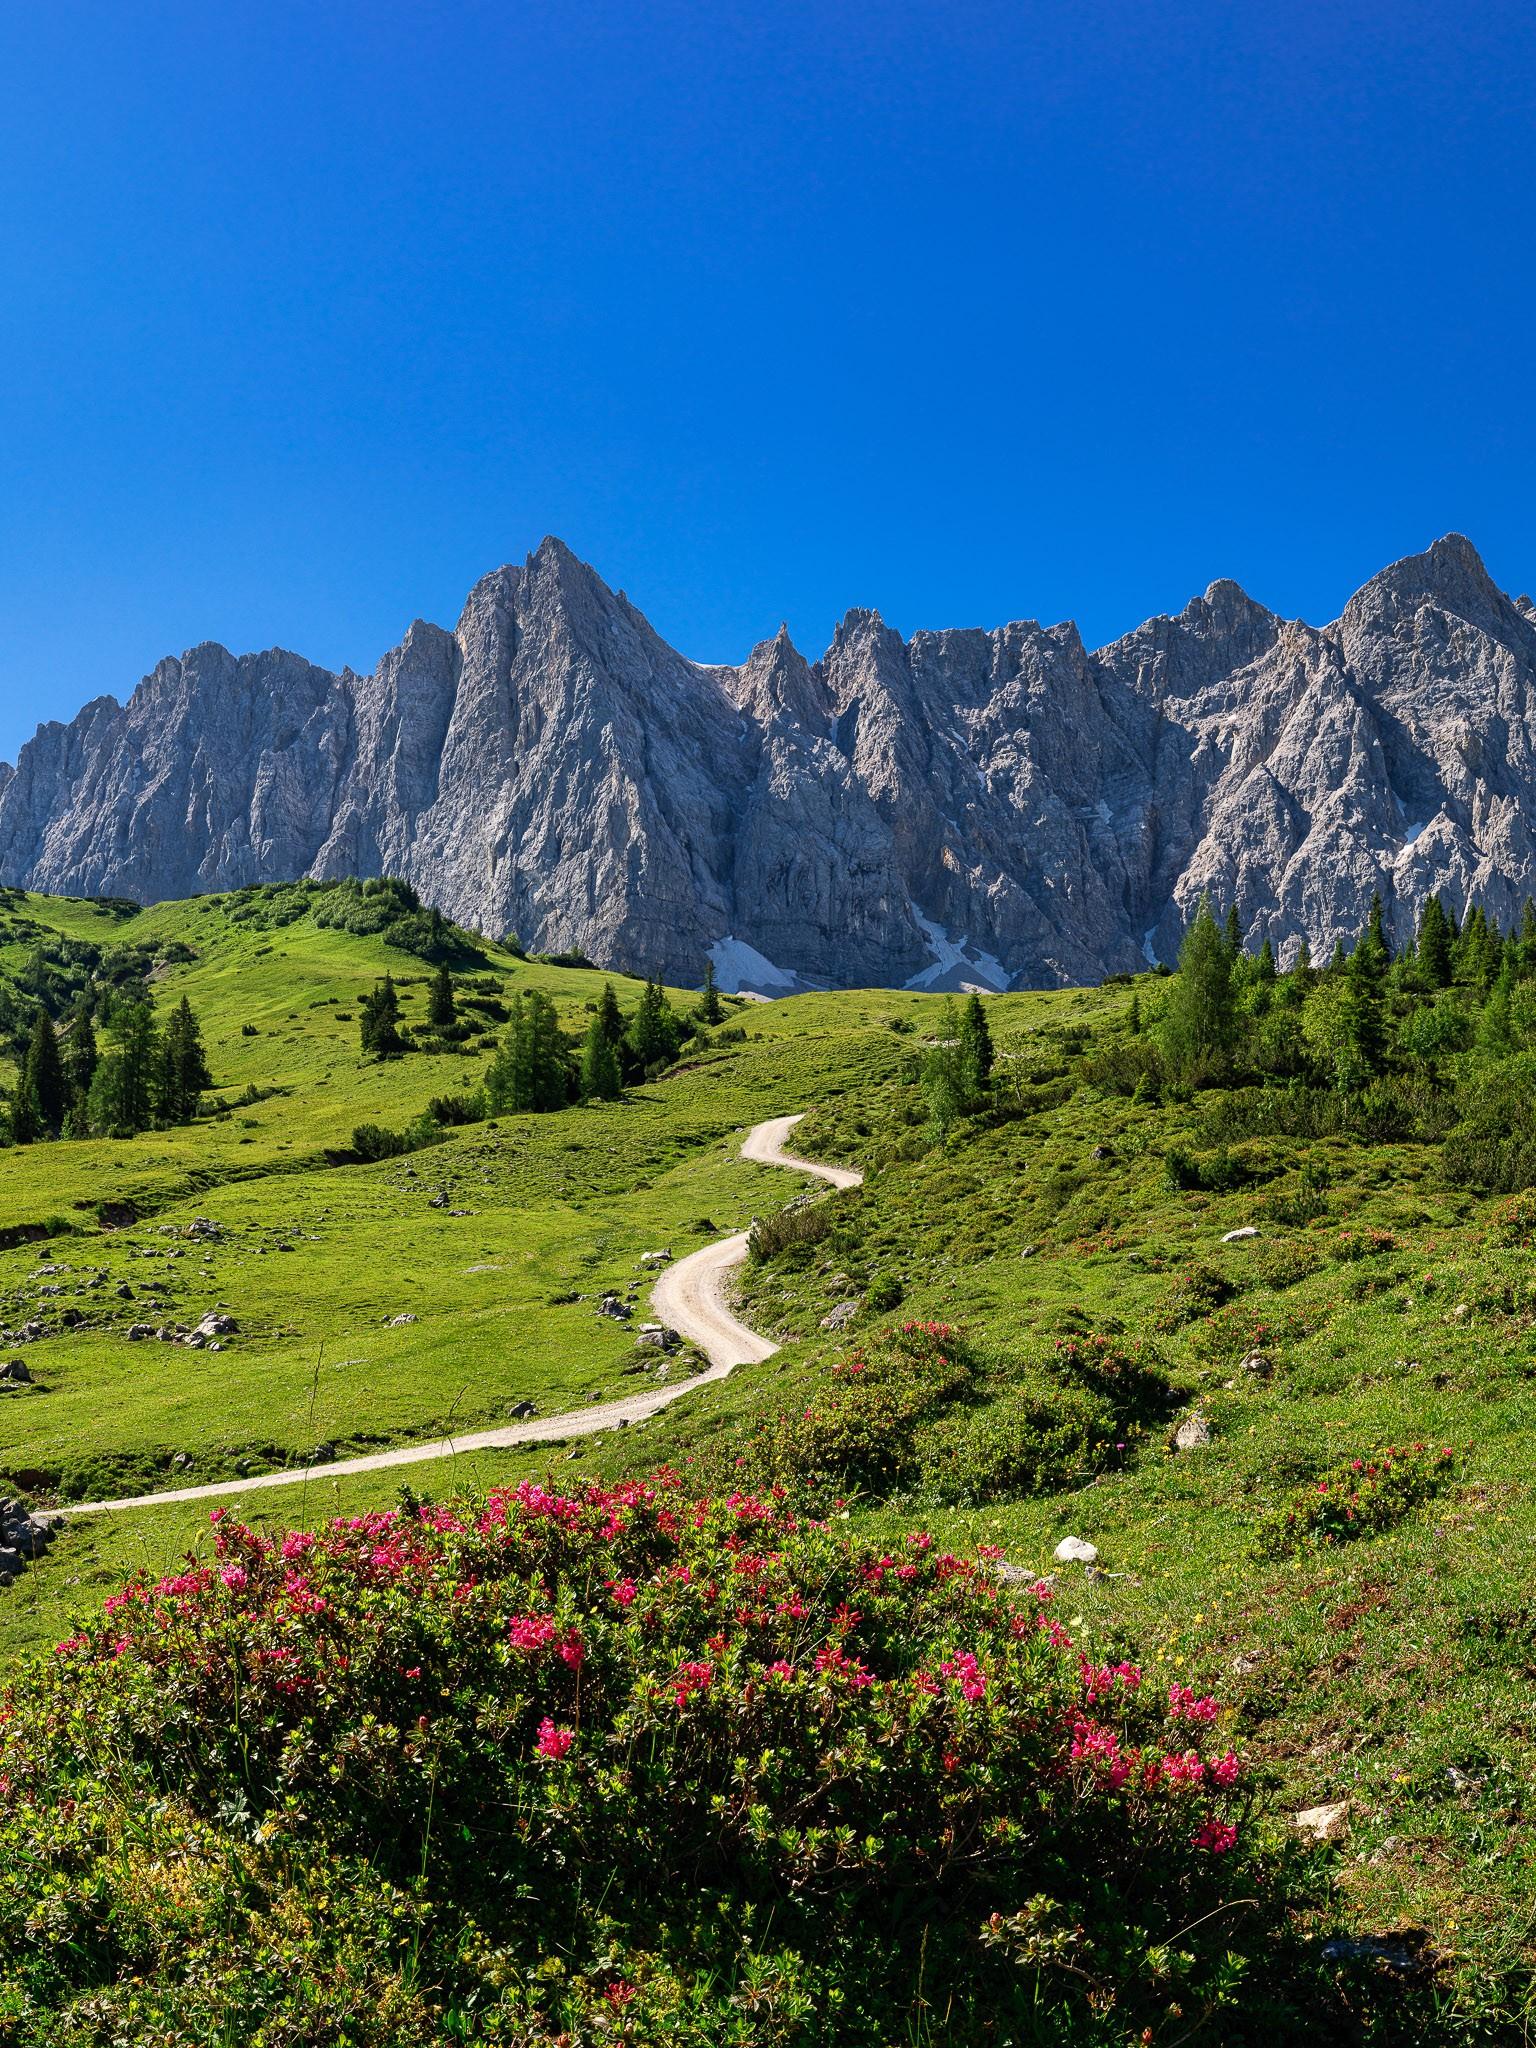 Almrosen an der Ladizalm. Die Almrosen blühen. Auf dem Bild ist der Weg zur Falkenhütte. Der markante Berg auf der linken Seite ist die Laliderer Spitze (2588m), rechts daneben die Ladiztürme und weiter rechts die Bockkarspitze (2589m).